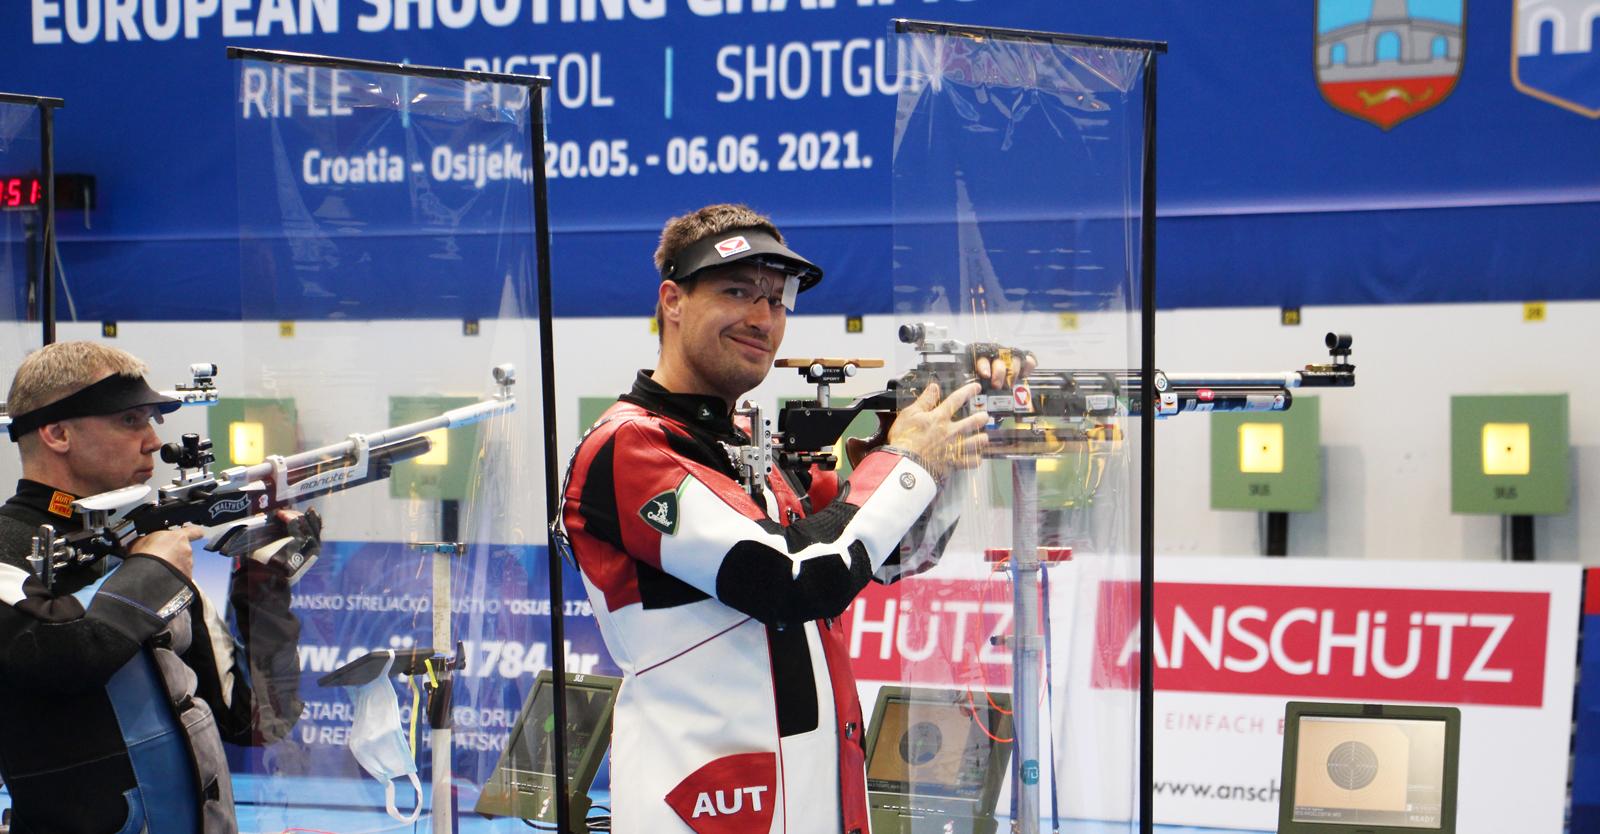 Martin Strempfl mit dem Luftgewehr © Margit Melmer, ÖSB